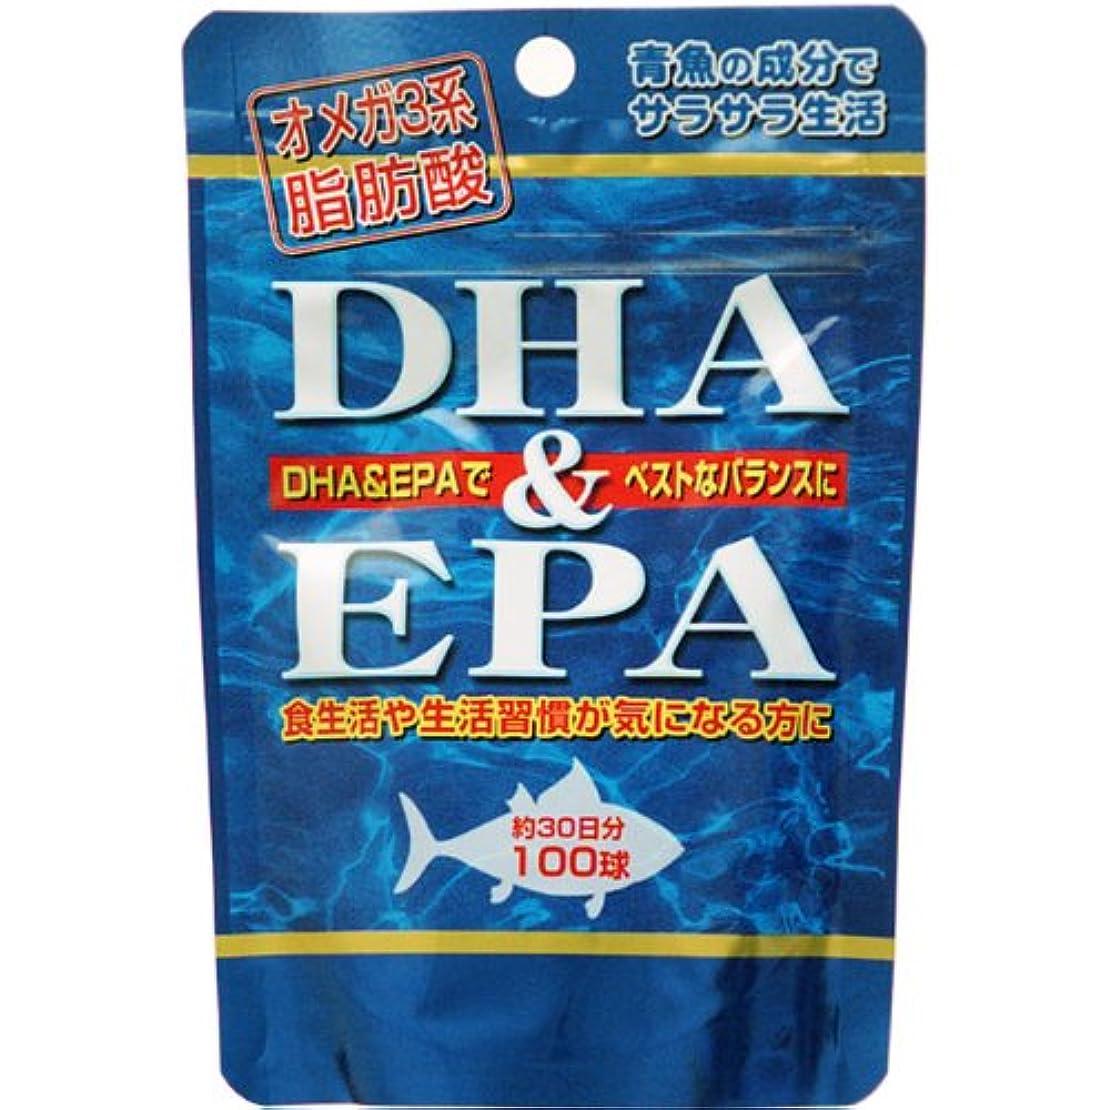 タッチヘクタール遠えDHA(ドコサヘキサエン酸)&EPA(エイコサペンタエン酸)×4